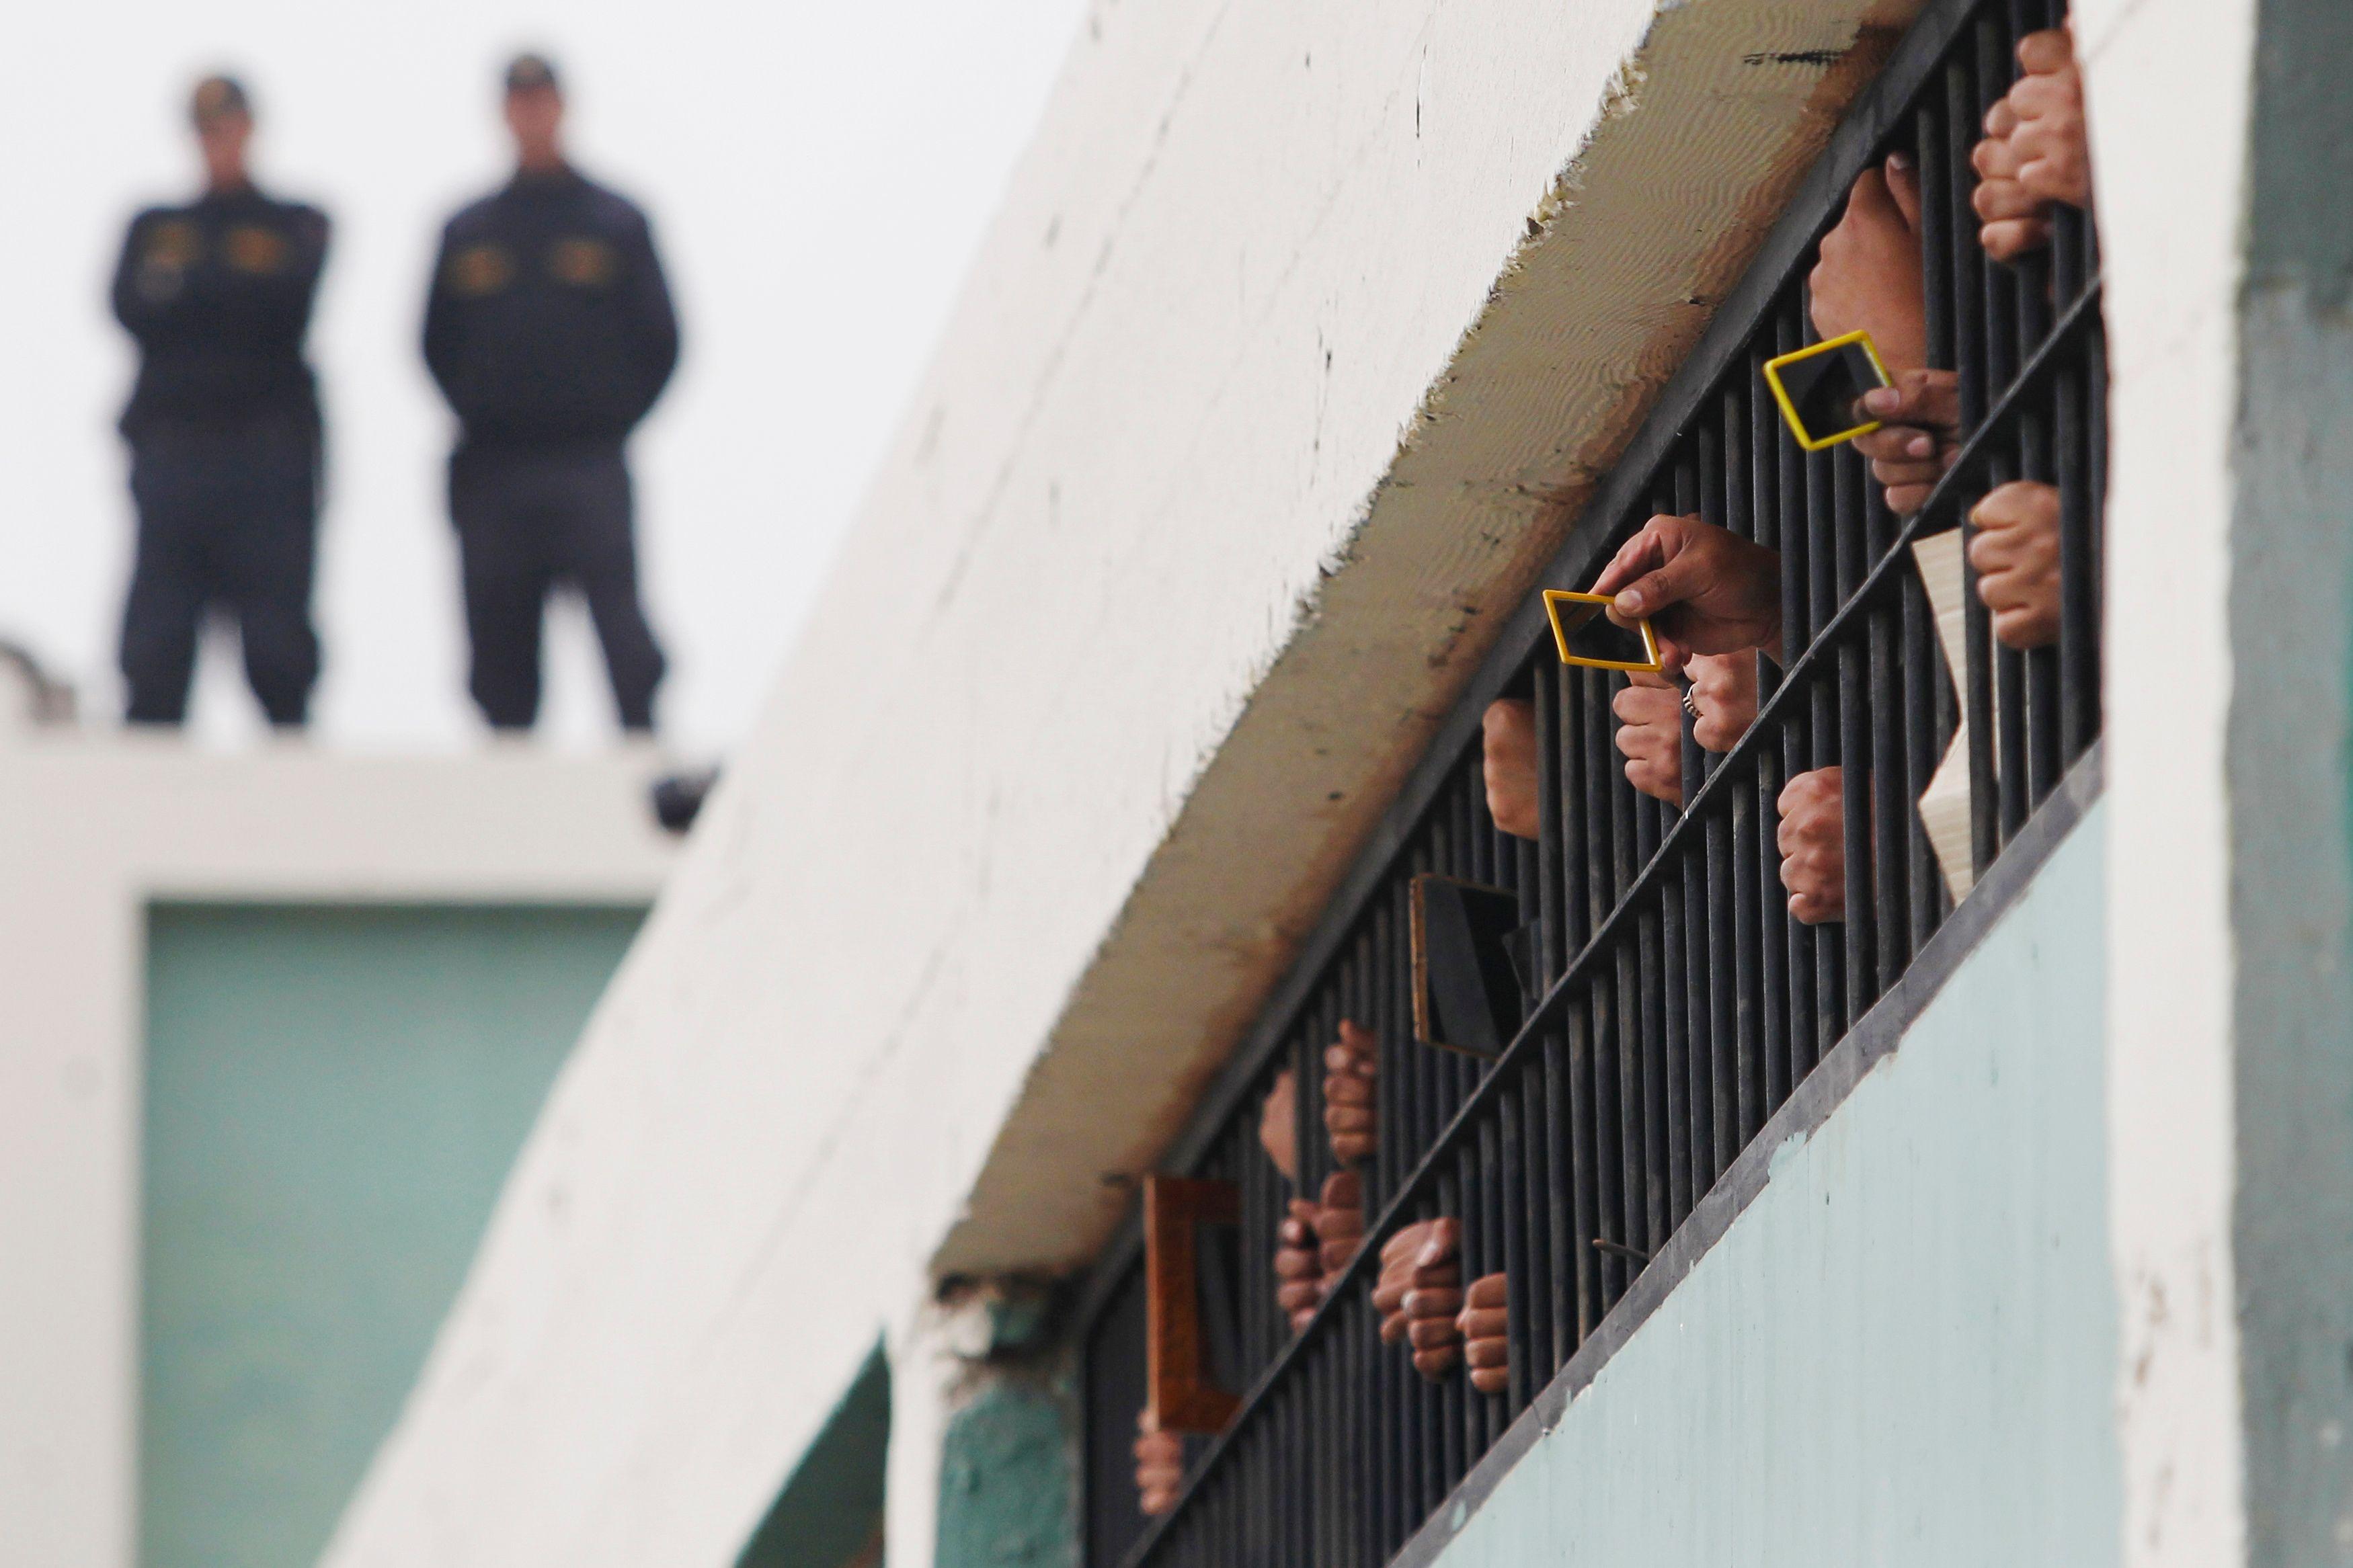 Réductions de peine de prison contre armes rendues : la proposition qui signe l'impuissance de l'Etat contre les violences carcérales